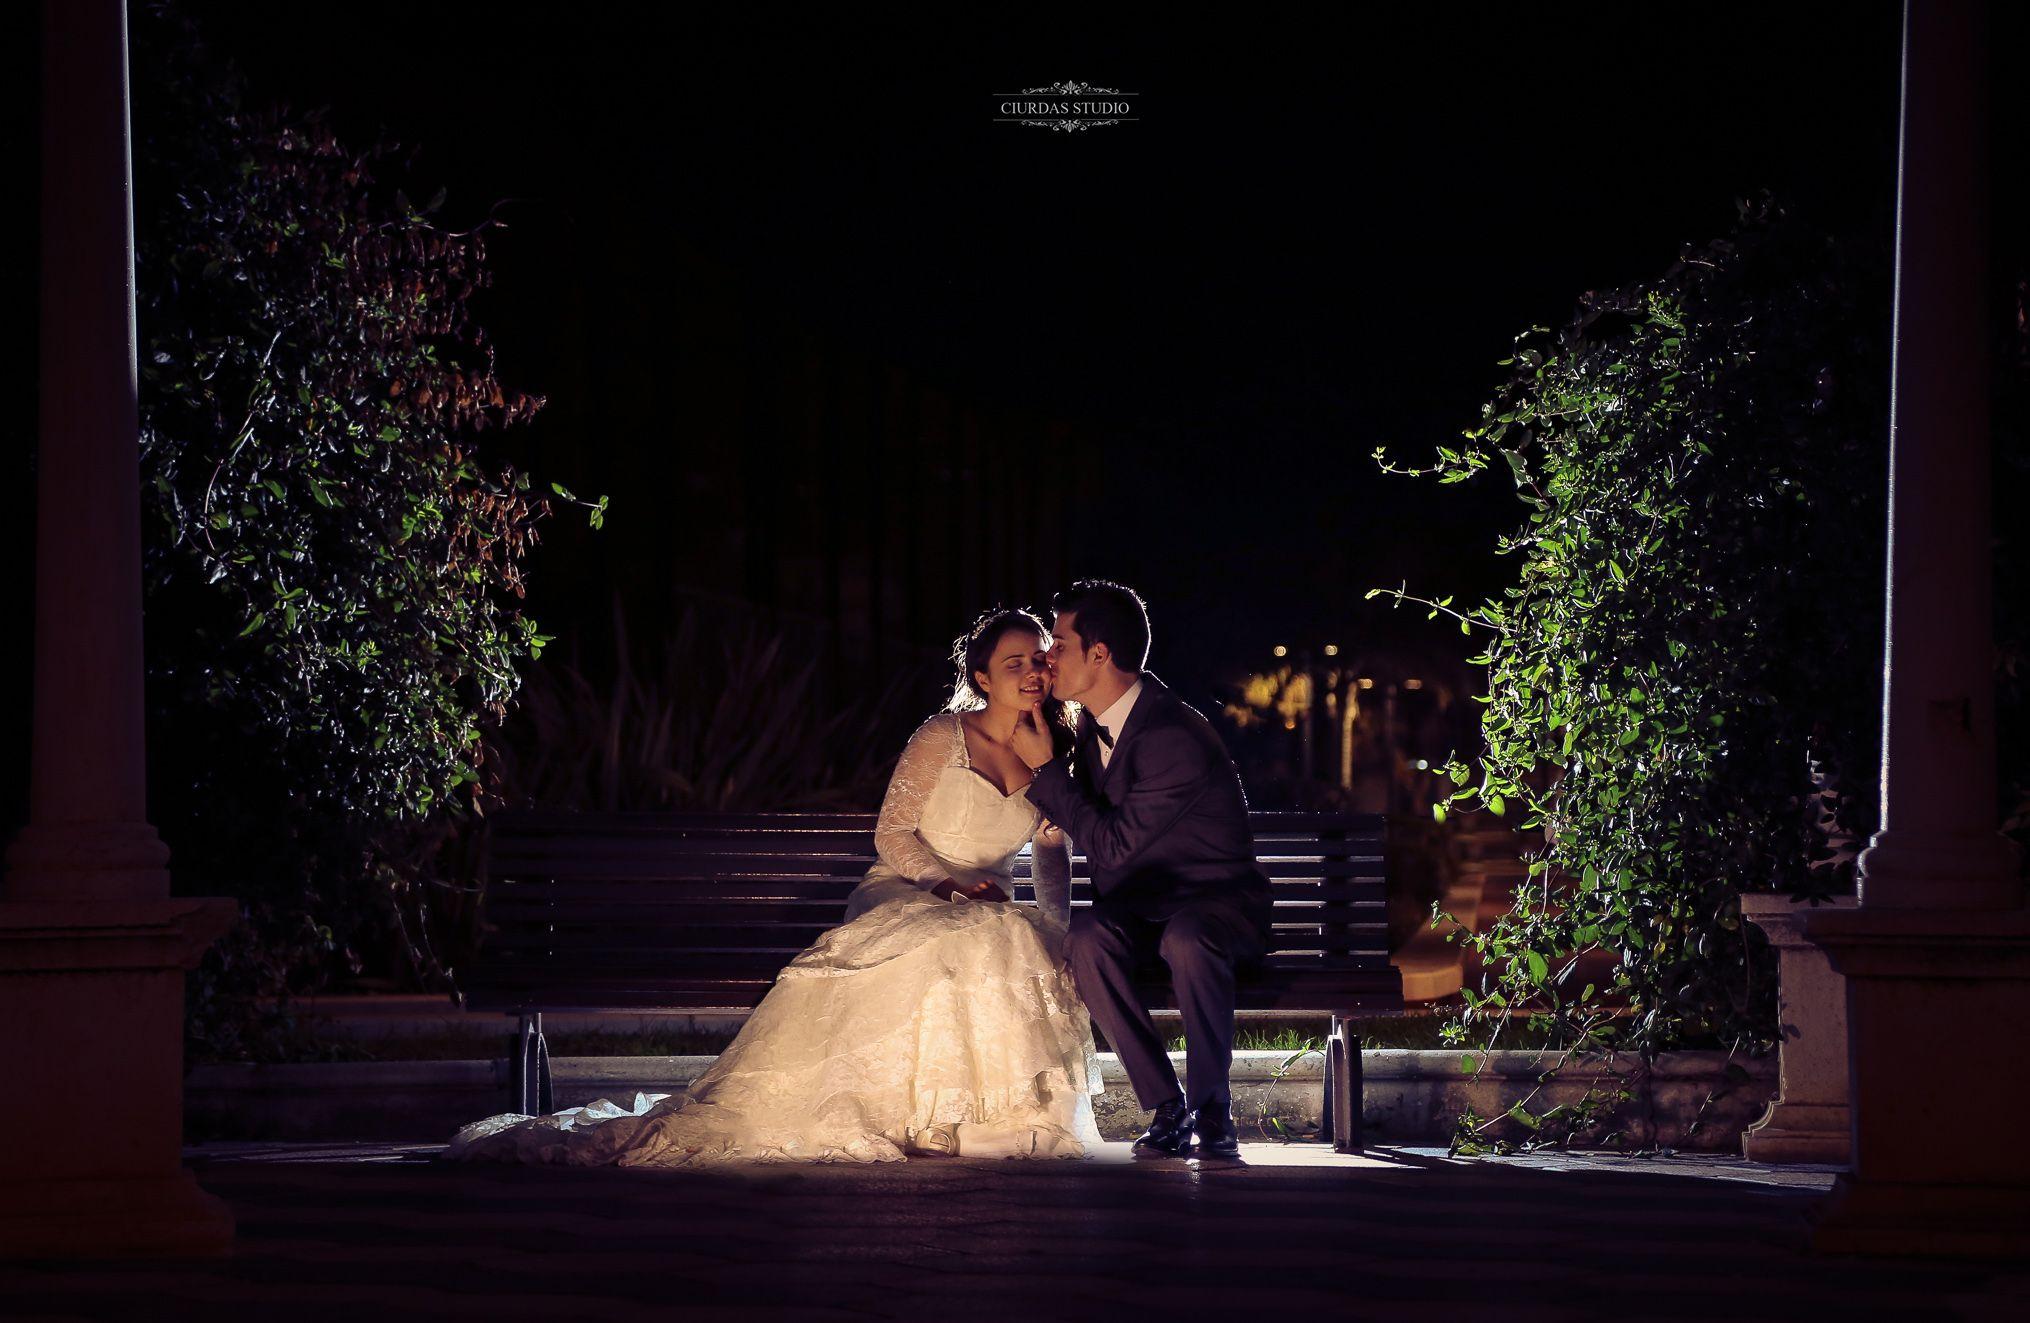 32+ Wedding night ideas for groom ideas